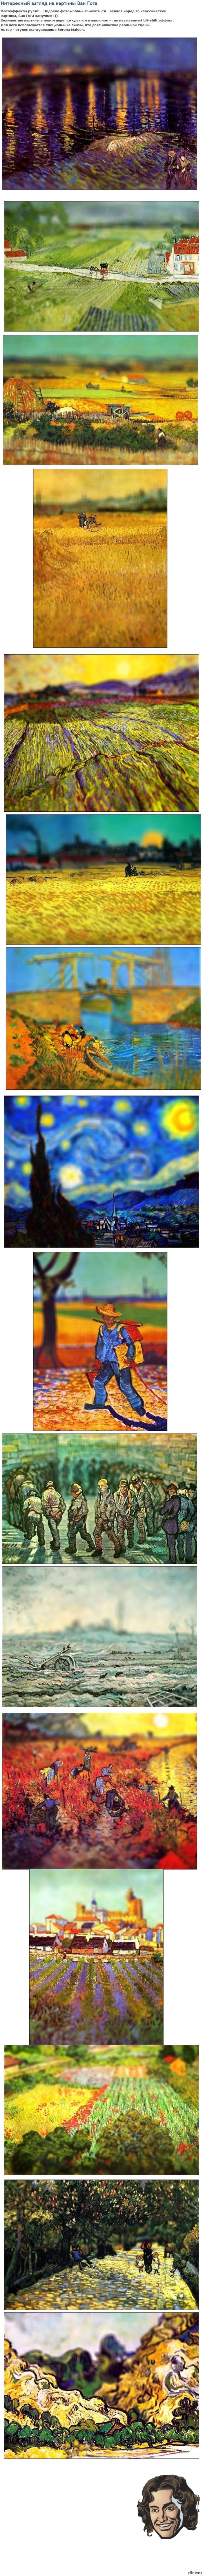 Новый взгляд на картины Ван Гога(очень длиннопост)